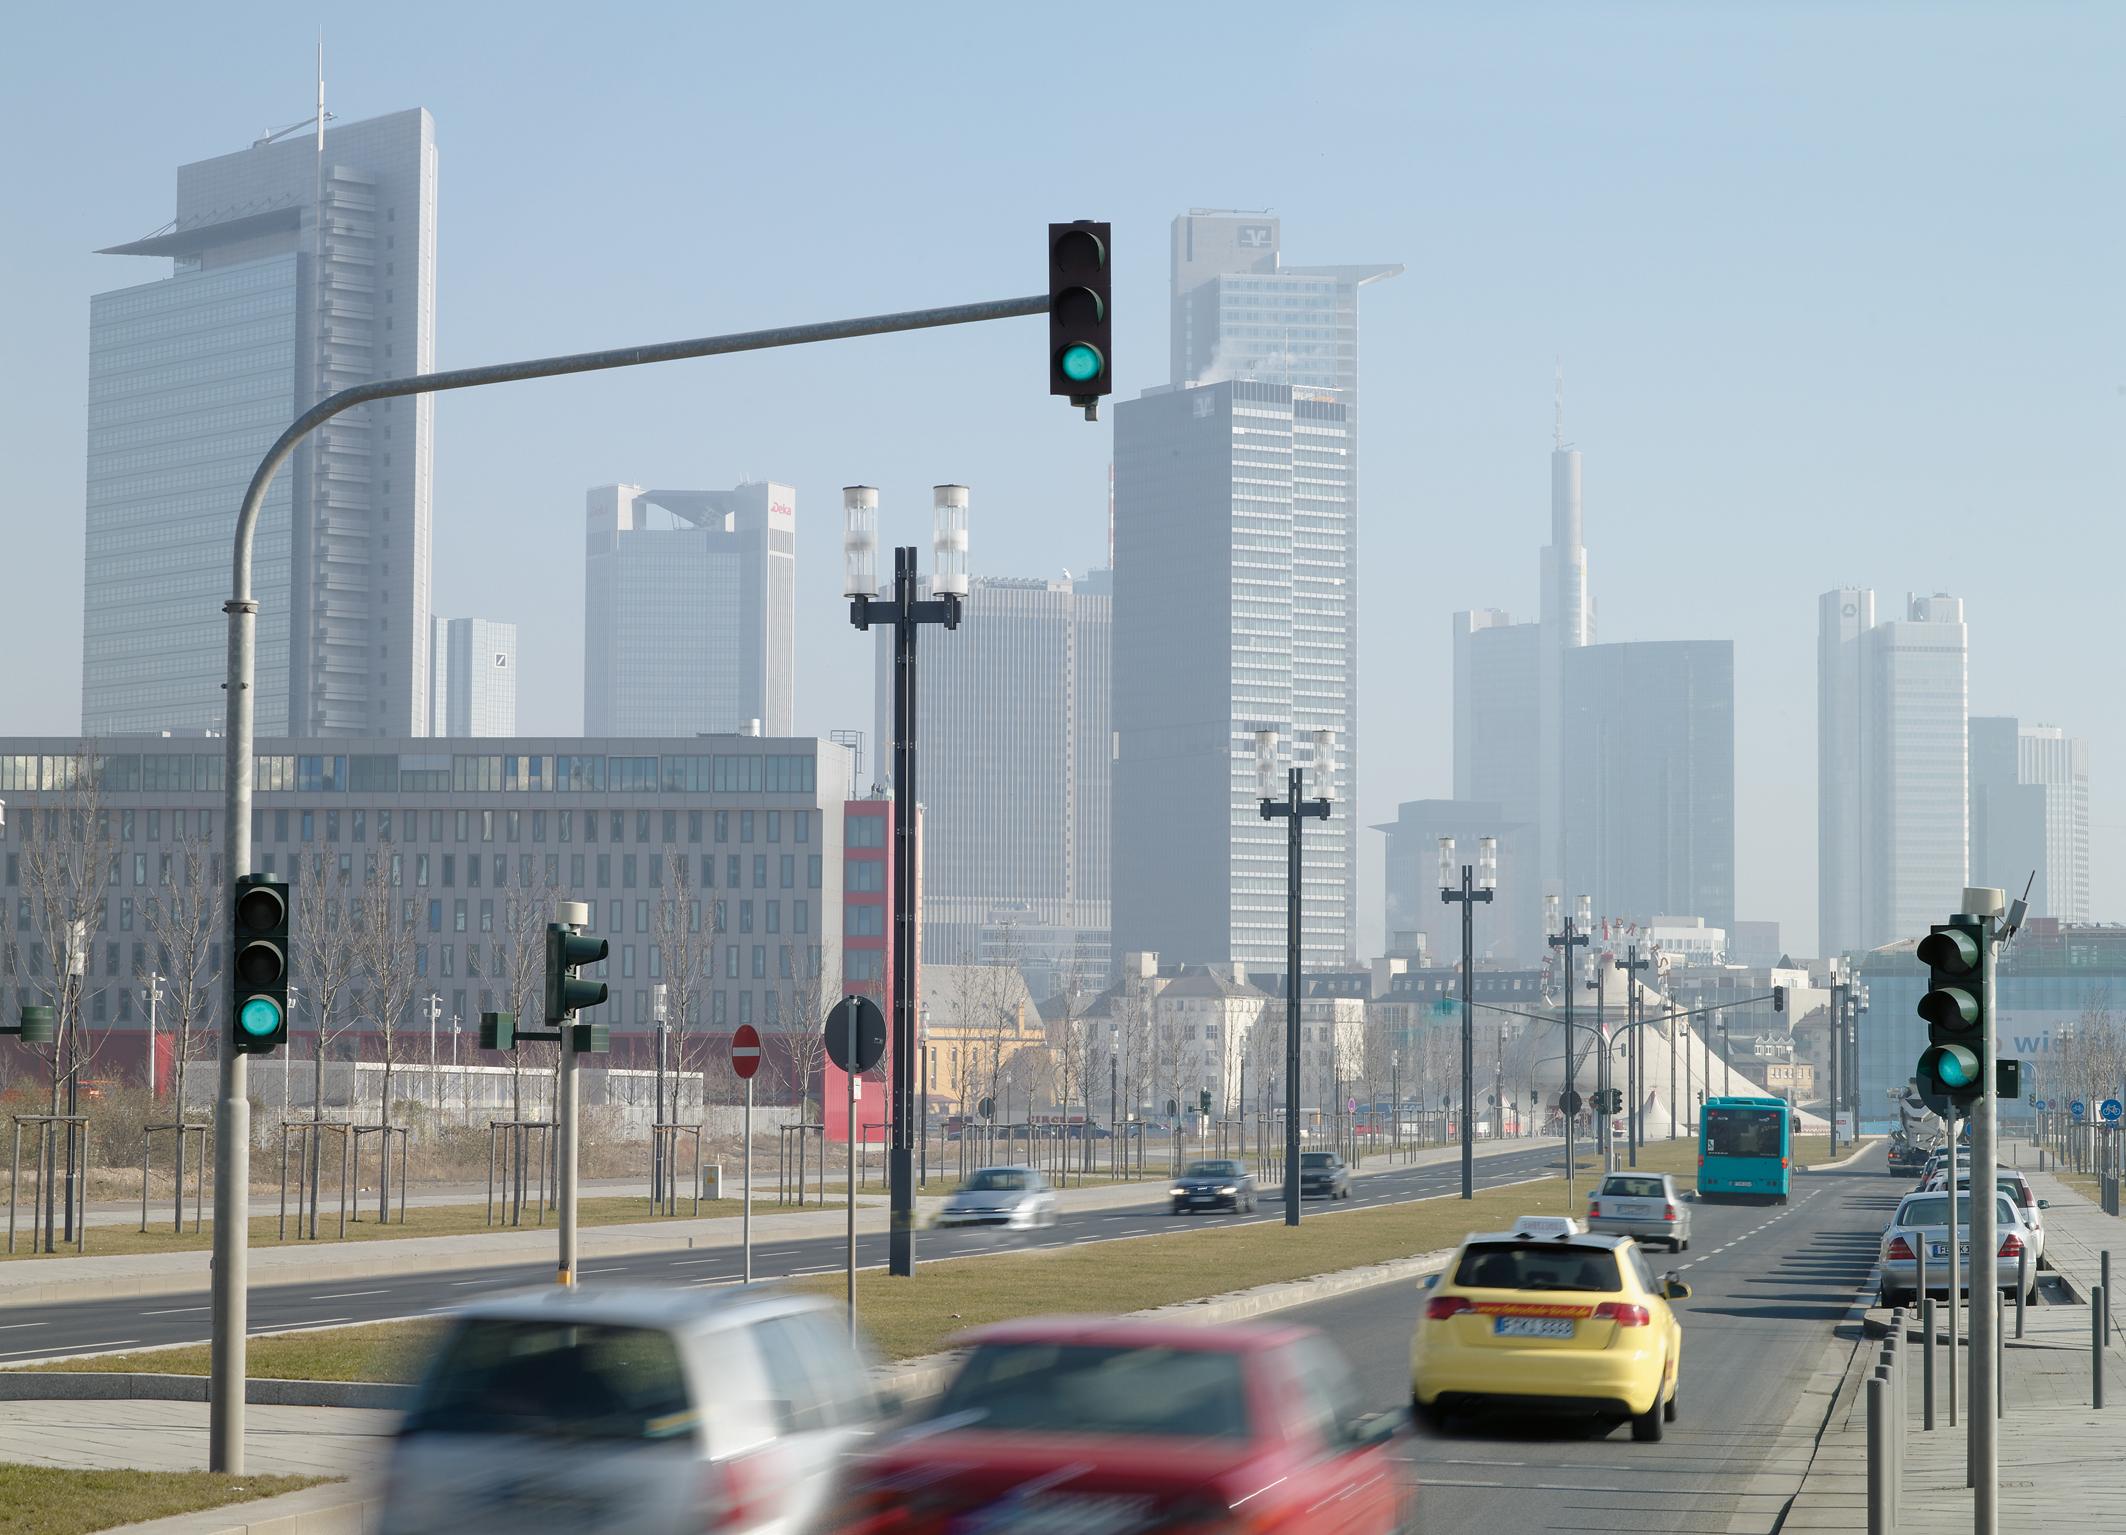 Dänemark setzt künftig auf das Monitoring von GPS-Signalen, um den Verkehr überblicken zu können. Bild: Siemens